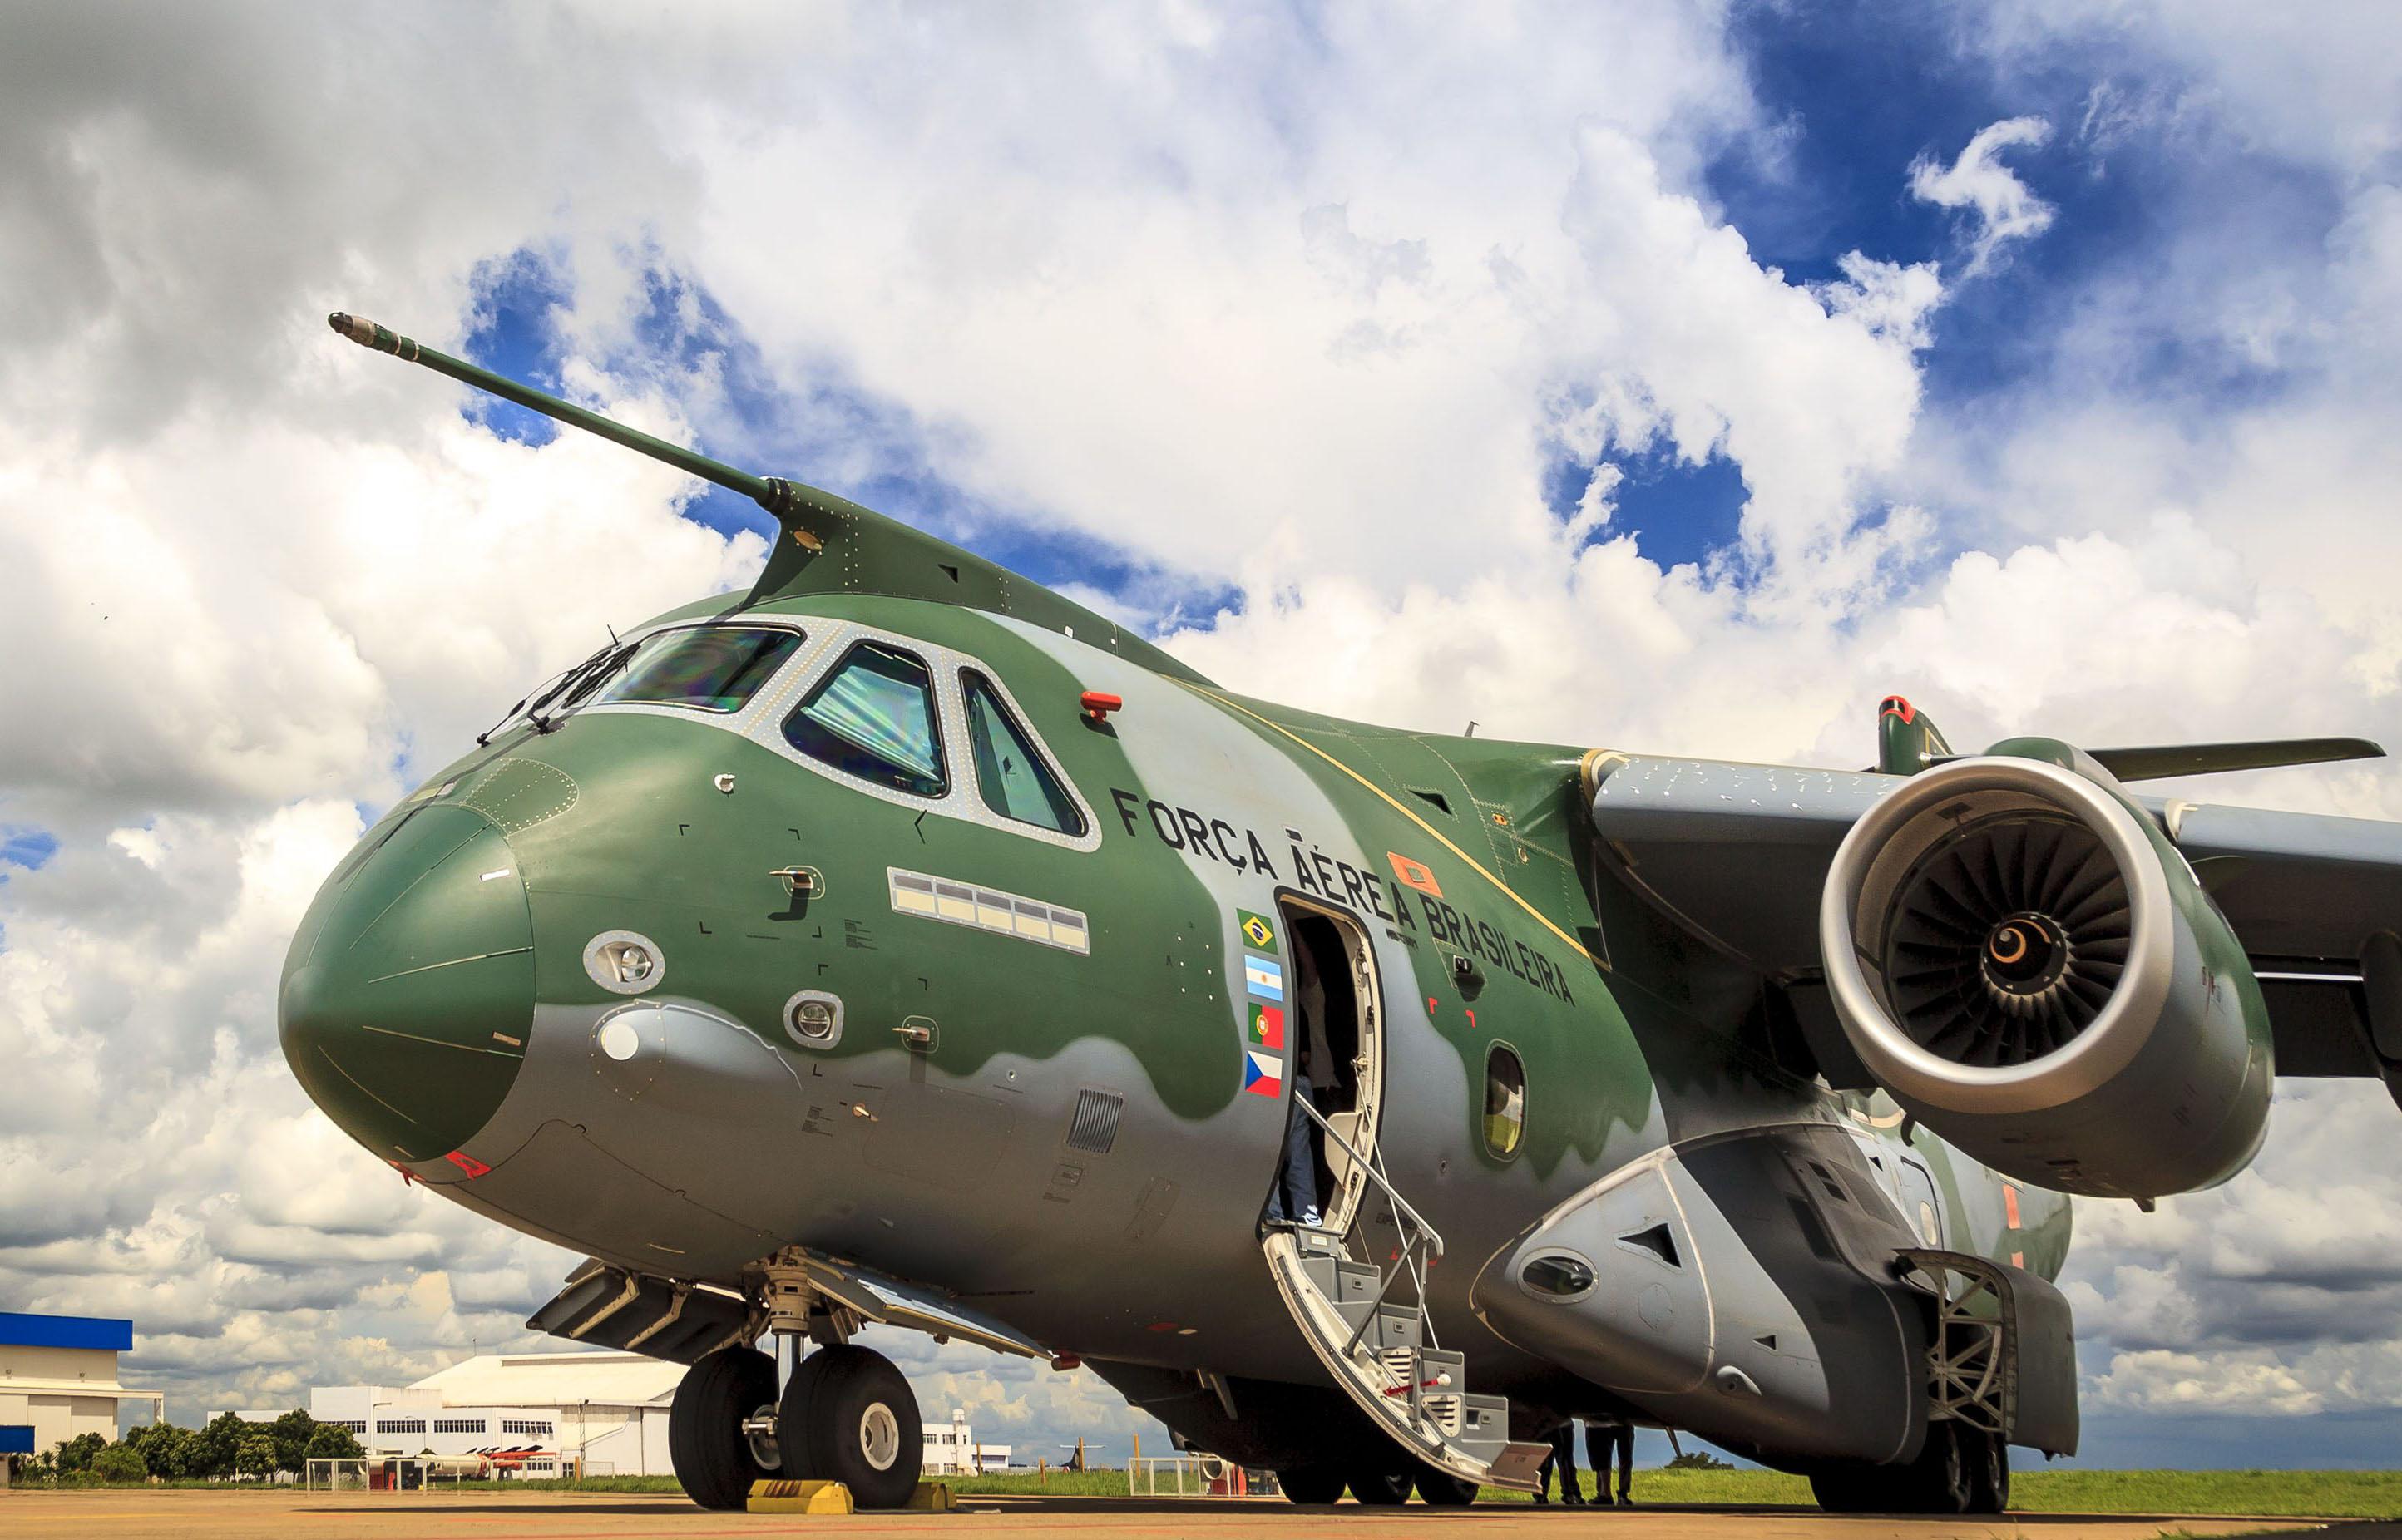 Programa KC-390 ganha fornecedor sul-coreano (estratégia de marketing da Embraer para ampliar sua penetração no mercado asiático?)